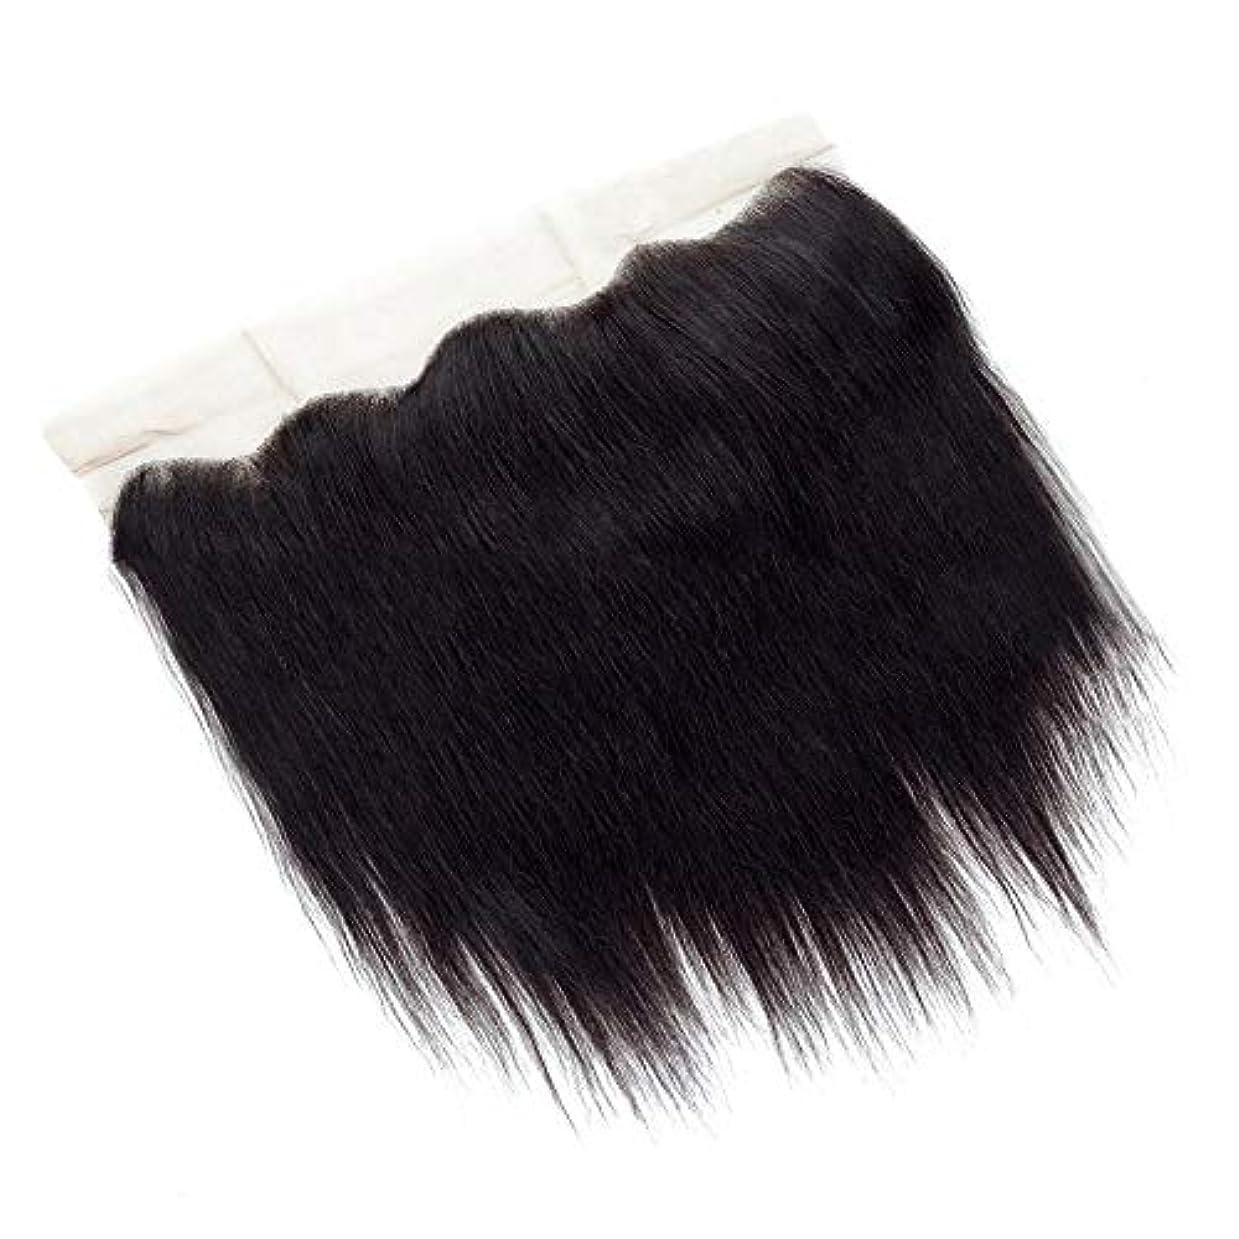 ブロック失教えWASAIO ブラジルのレースの前頭閉鎖の人間の毛髪延長の自然な色 (サイズ : 20 inch)